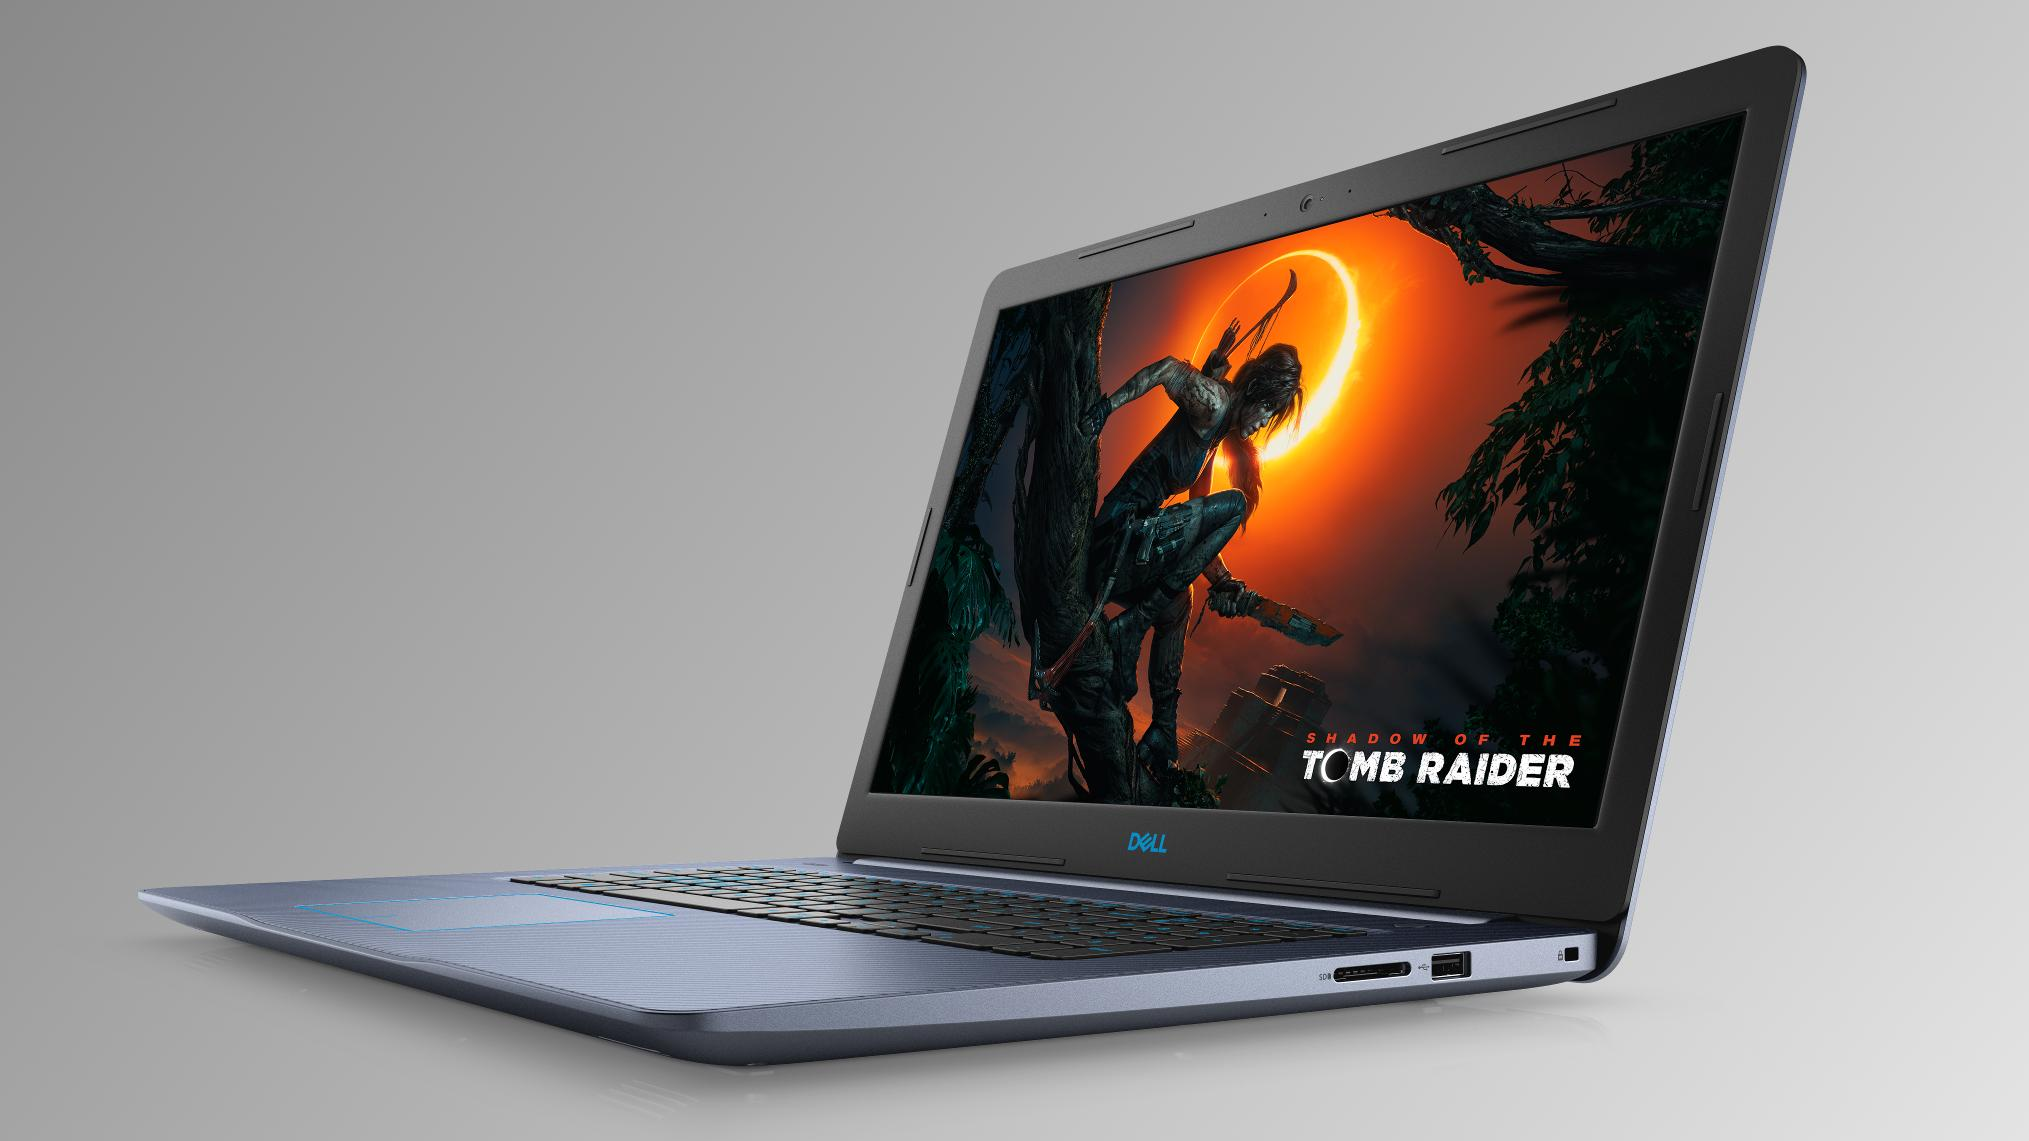 Dells nye spillbærbare har 4K-oppløsning og i9-prosessor